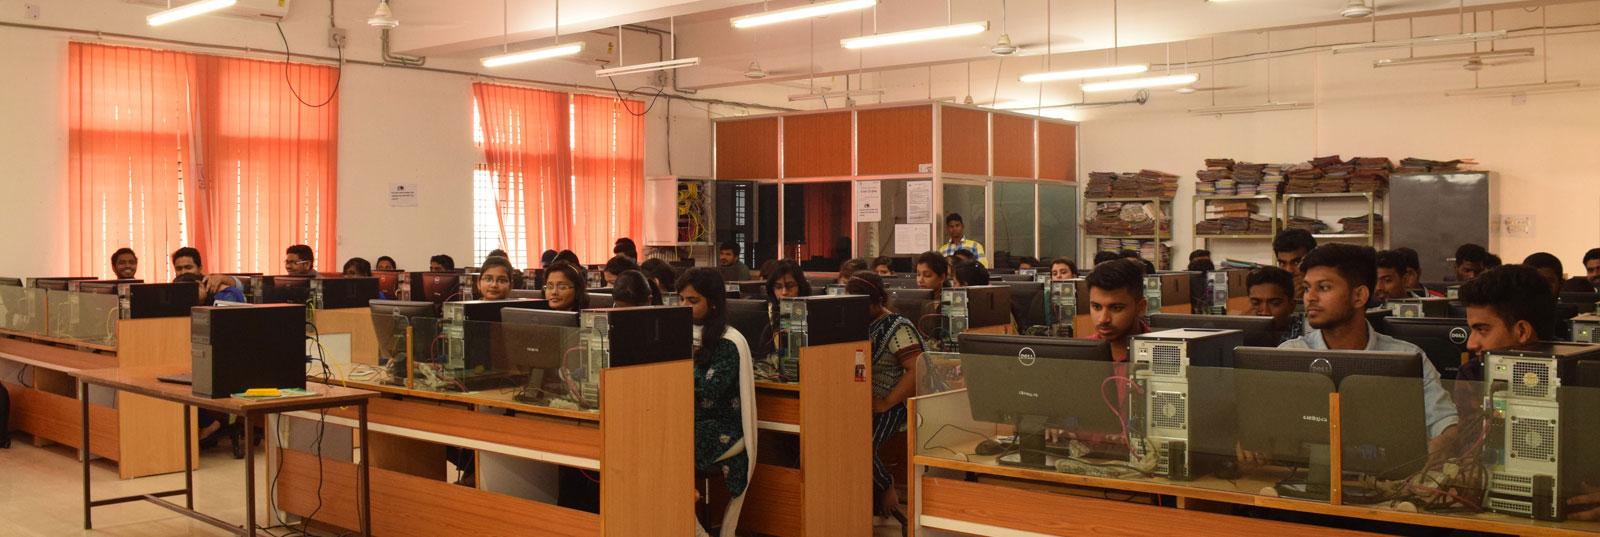 regional college of engineering